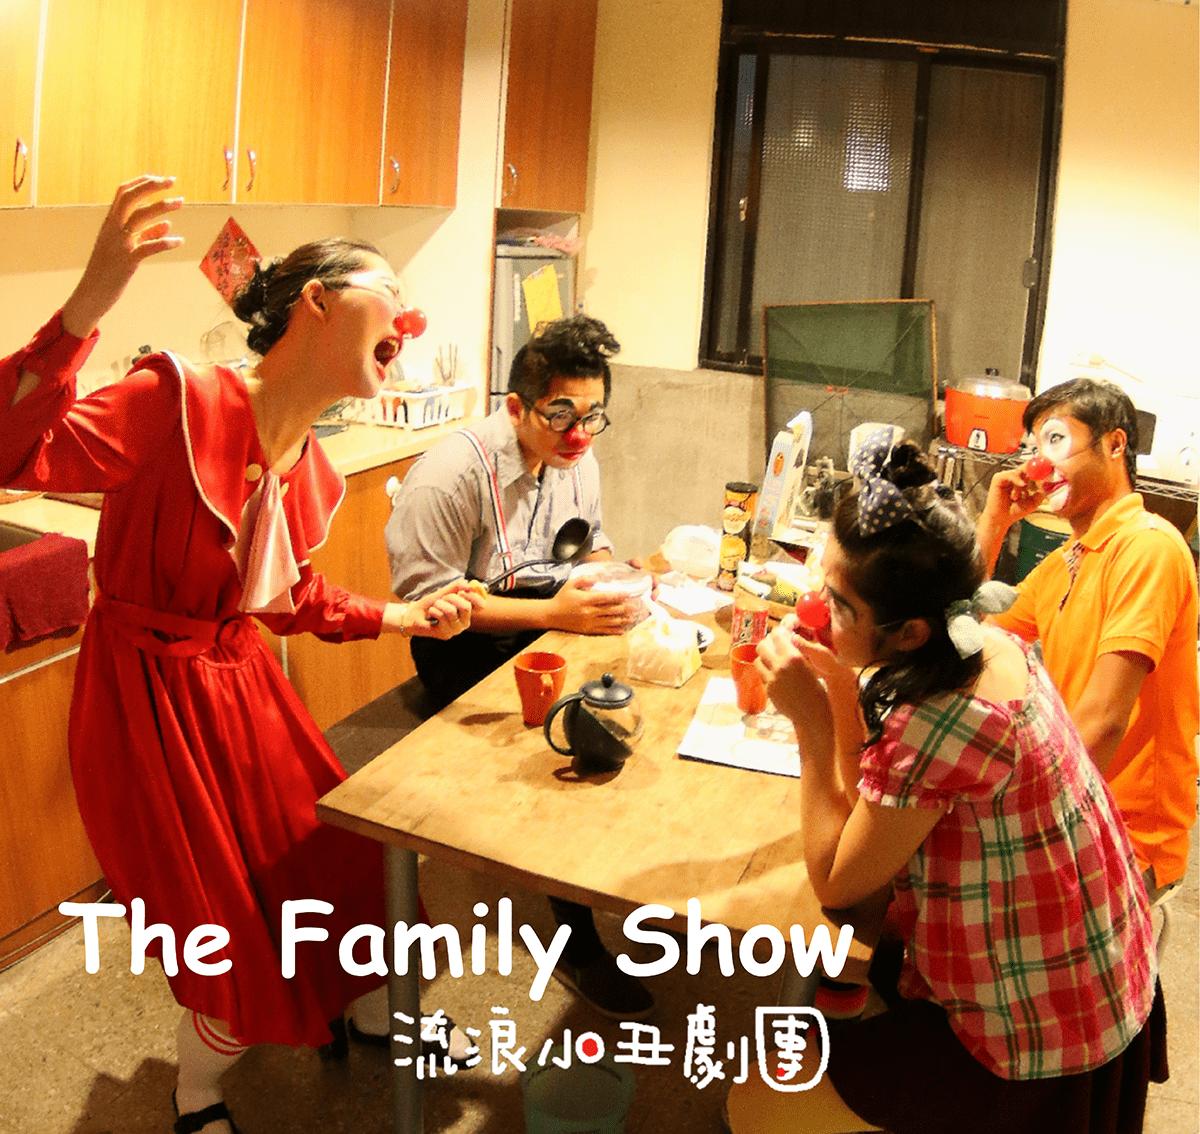 杯子劇場藝術季-流浪小丑劇團 The Family Show